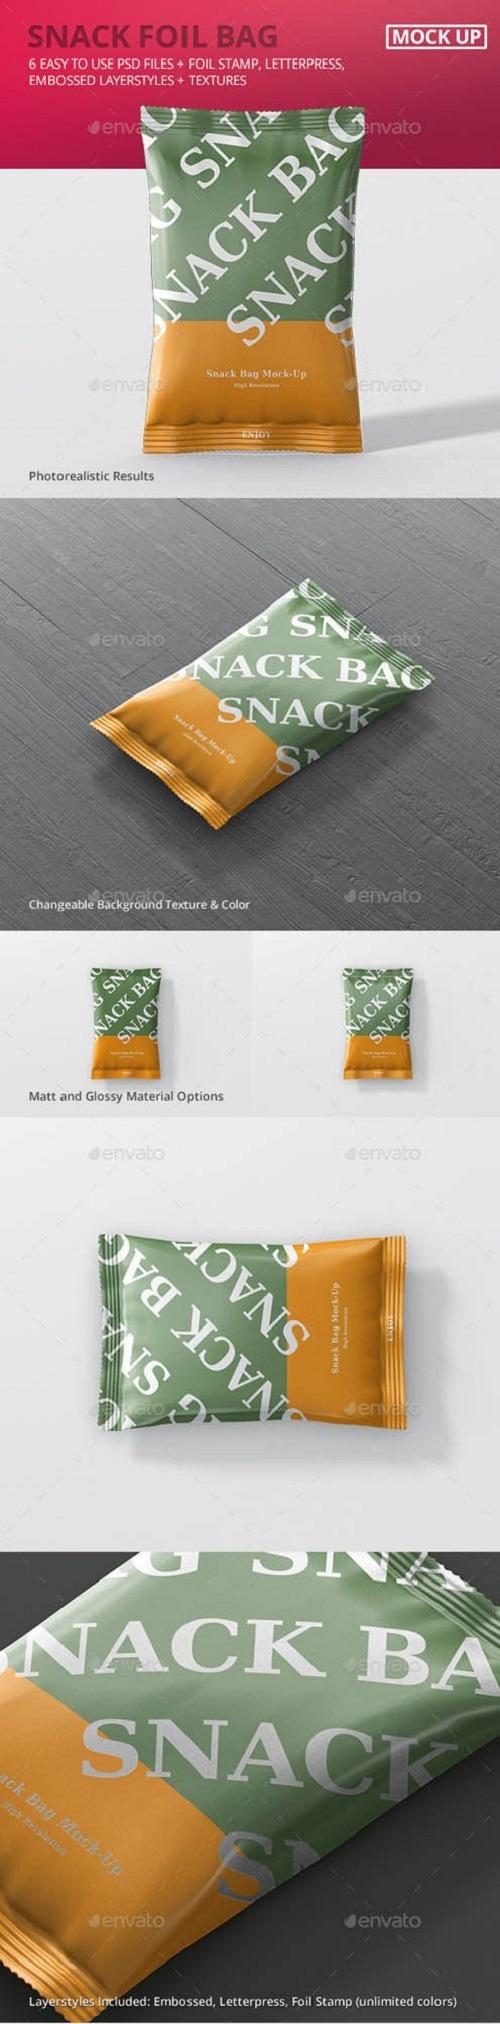 Snack Foil Bag Mockup 20230164